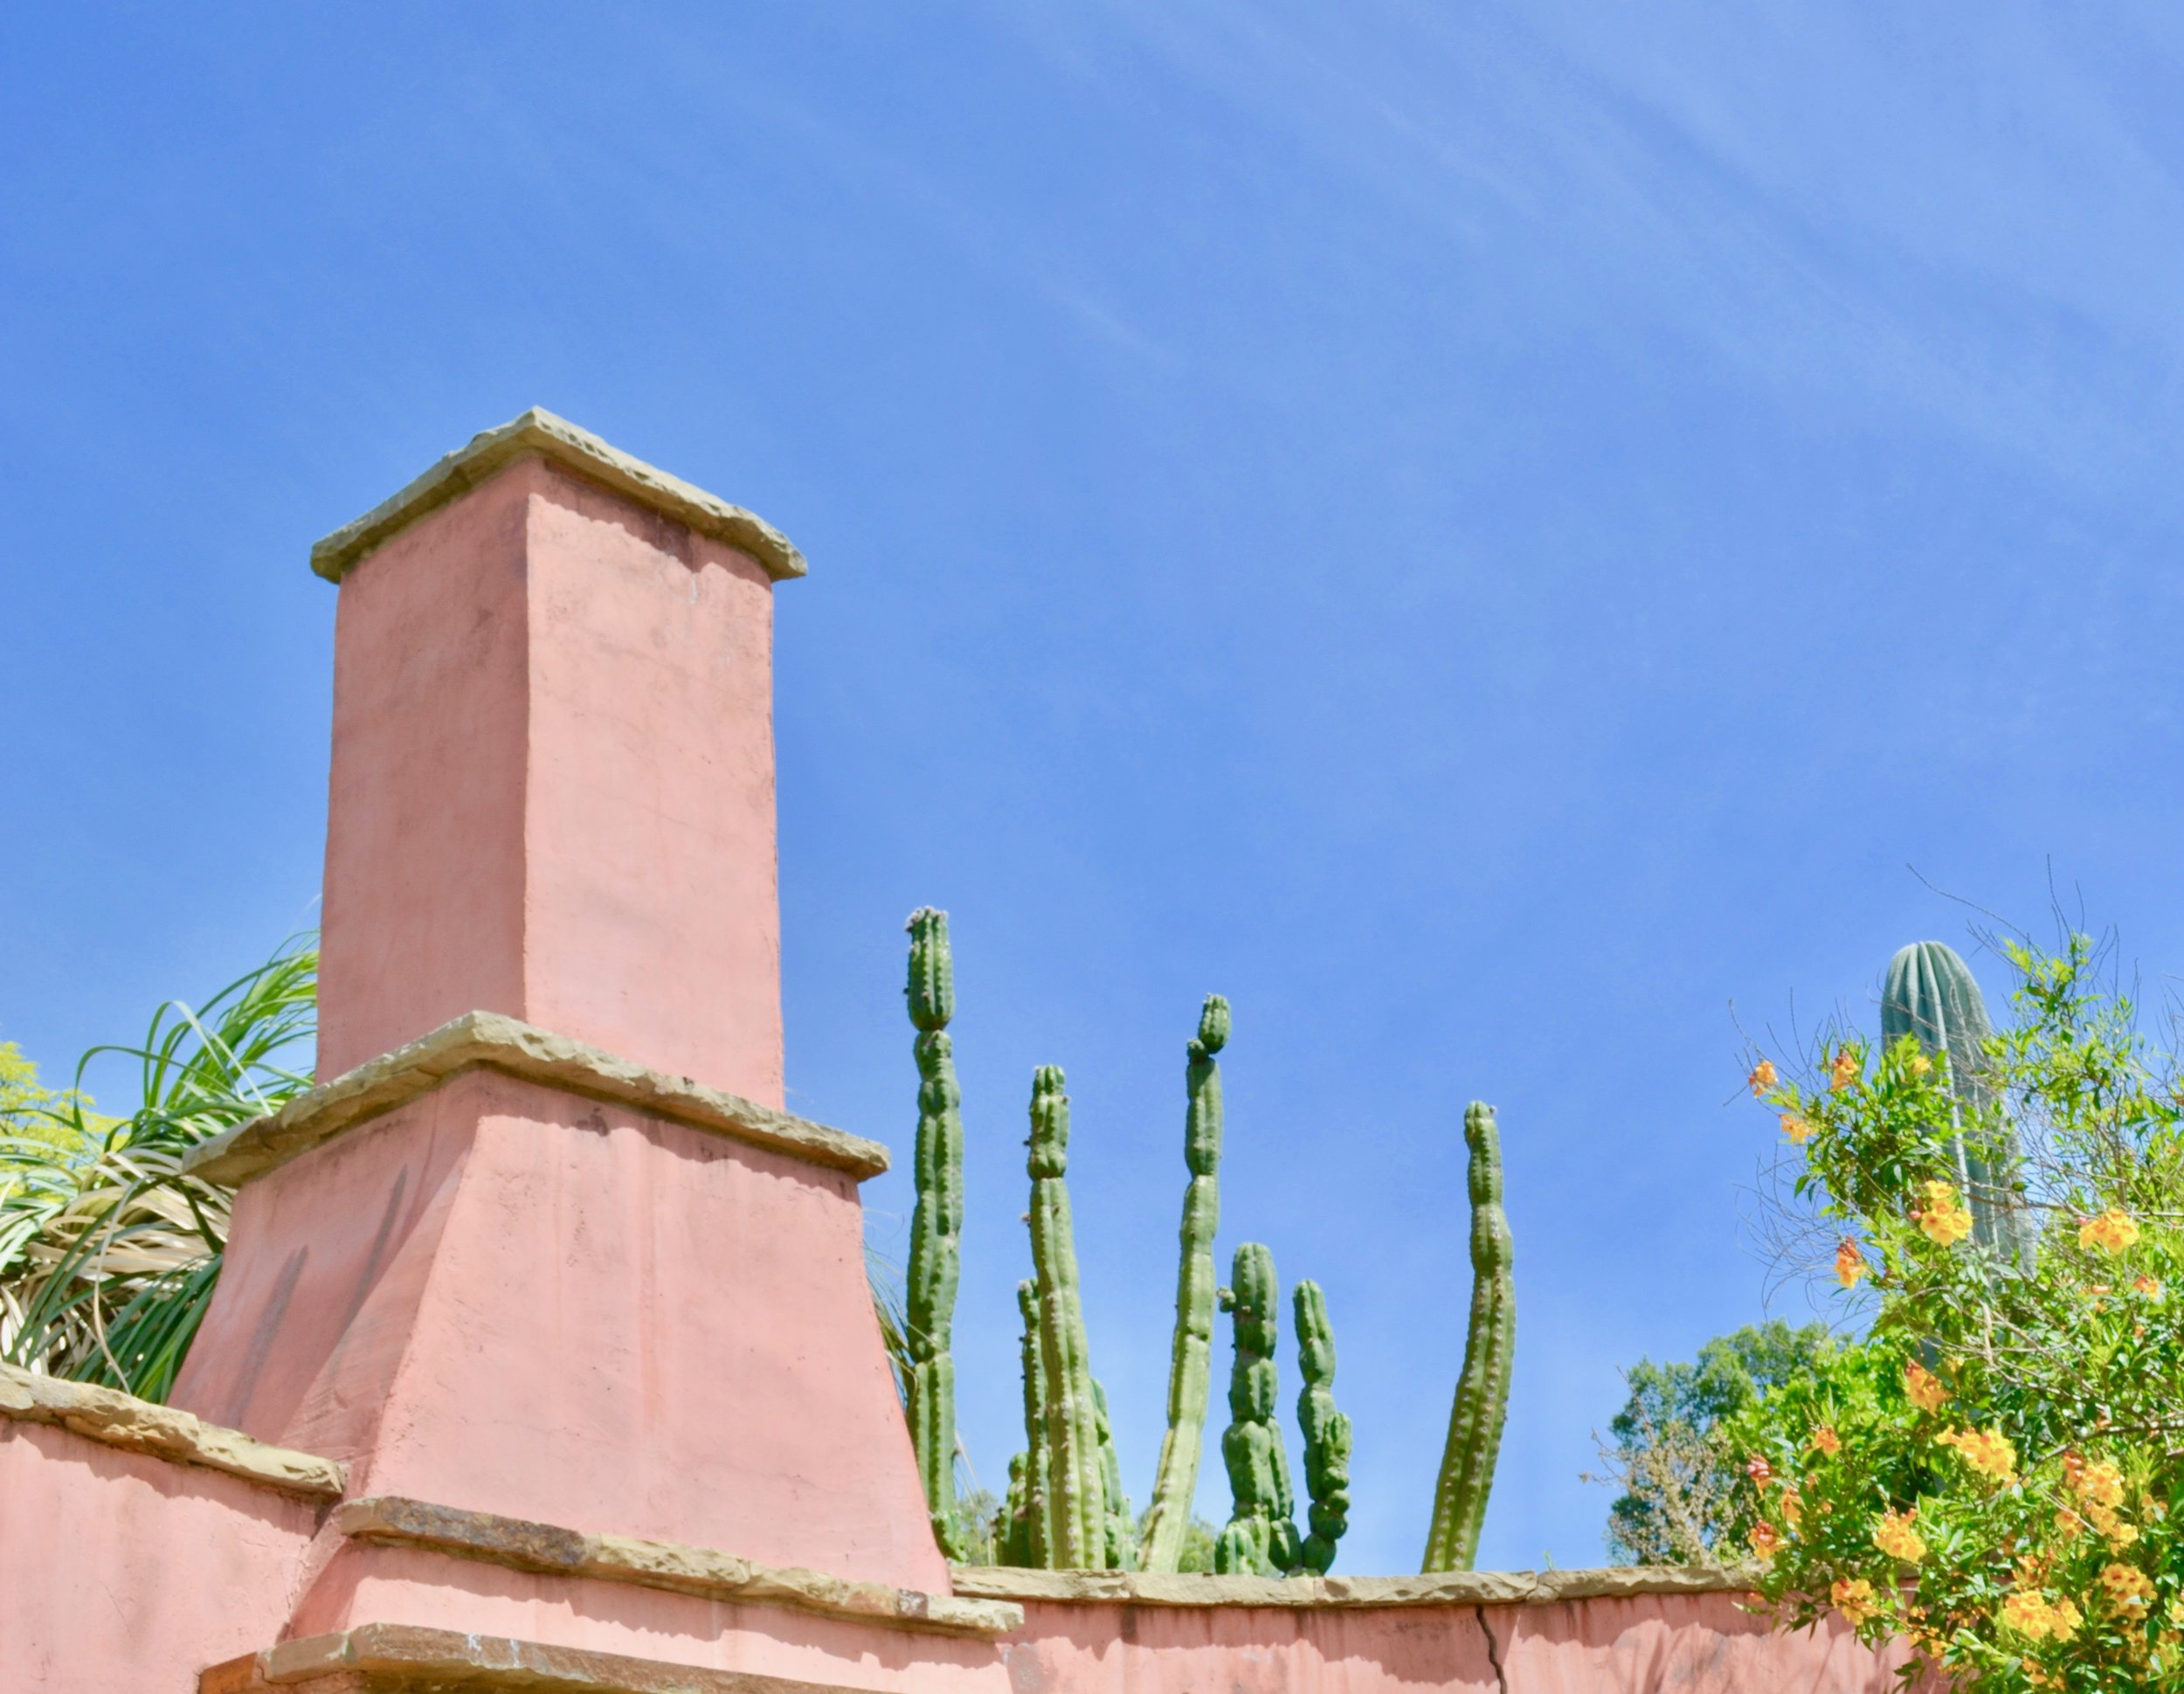 arboreteum skyline.jpeg